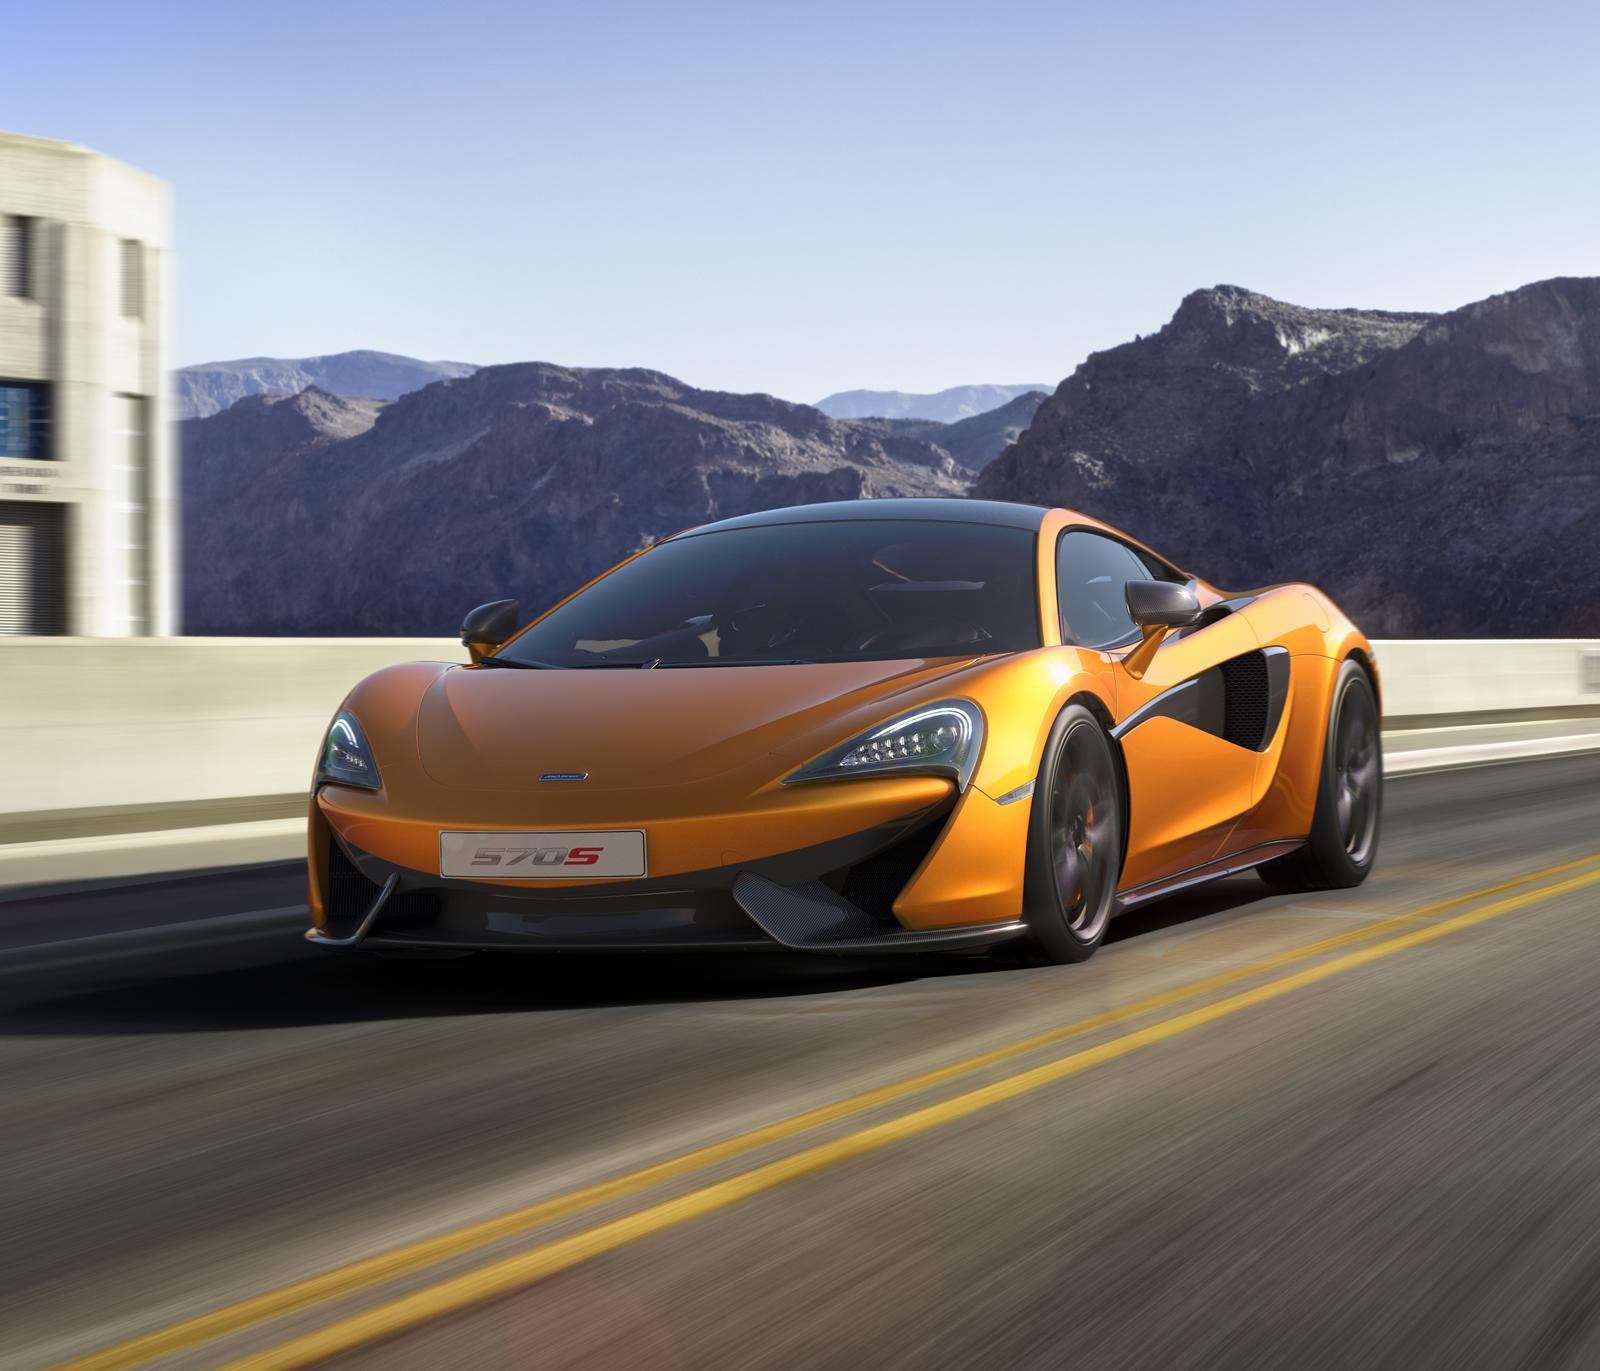 McLaren planta cara a Porsche con un nuevo coupé